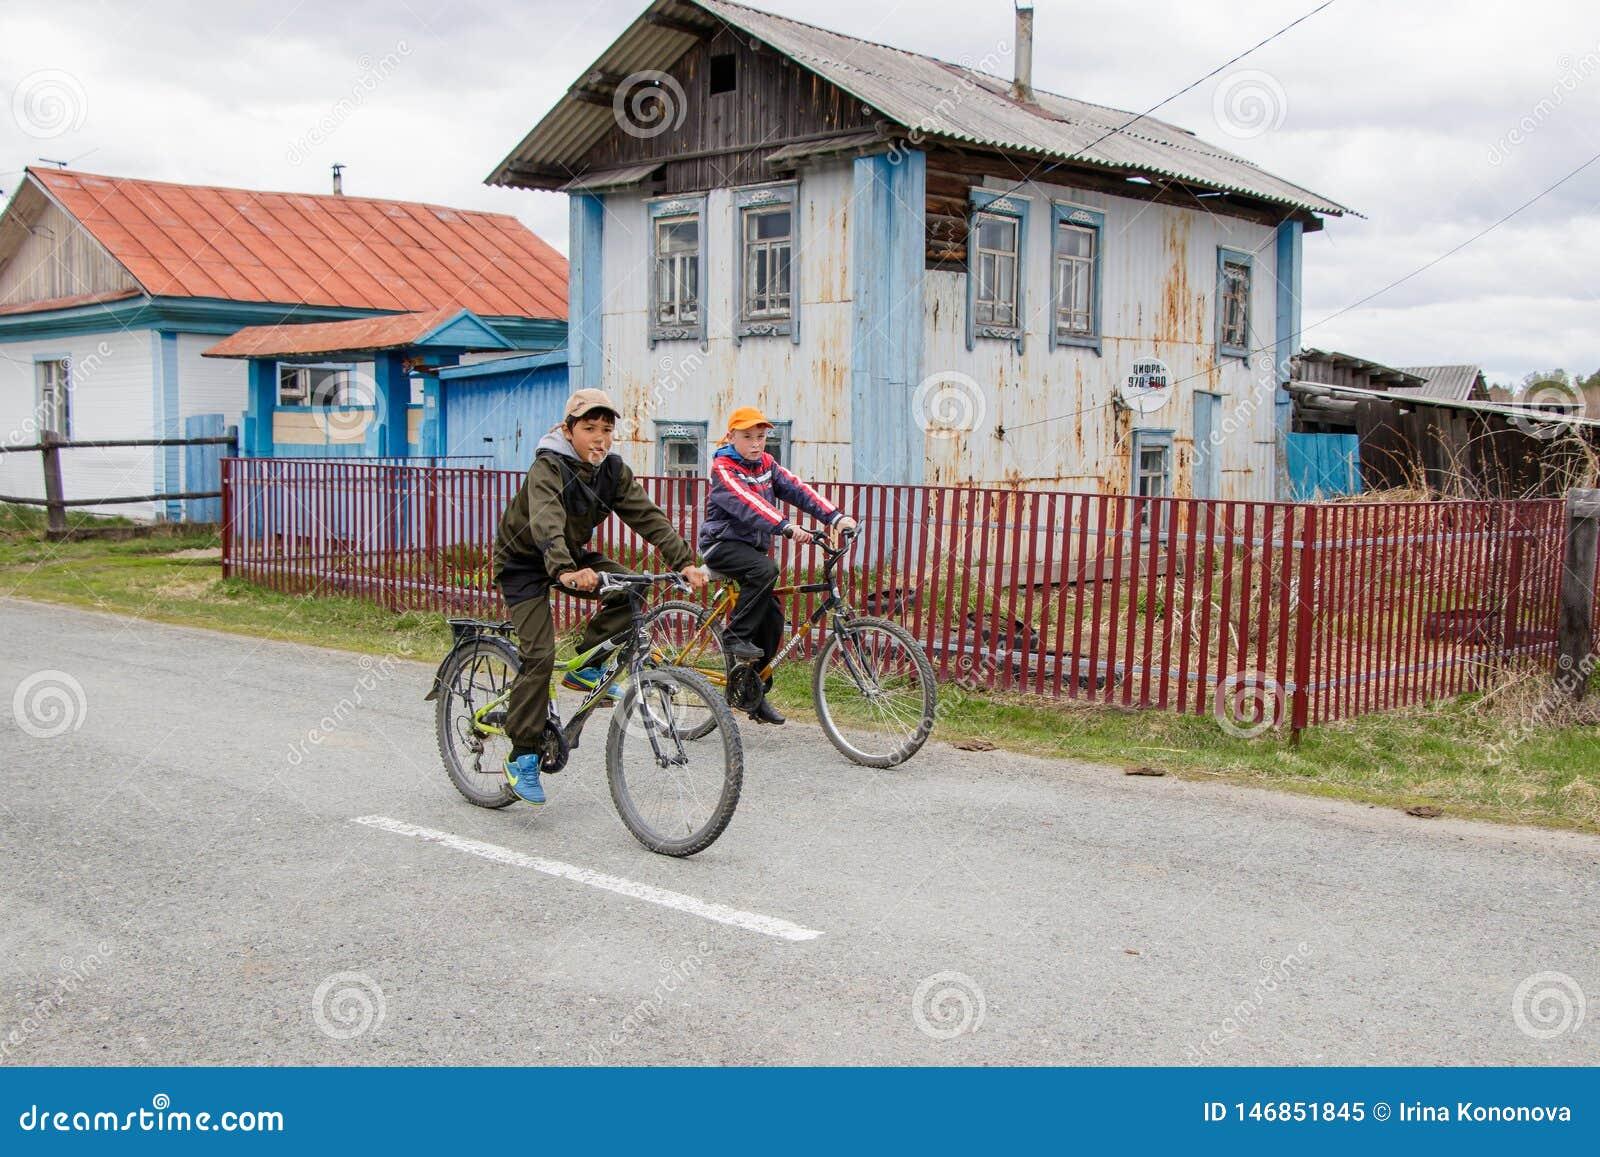 Zwei Jugendliche laufen auf Fahrrädern durch das Dorf hinter dem alten Haus